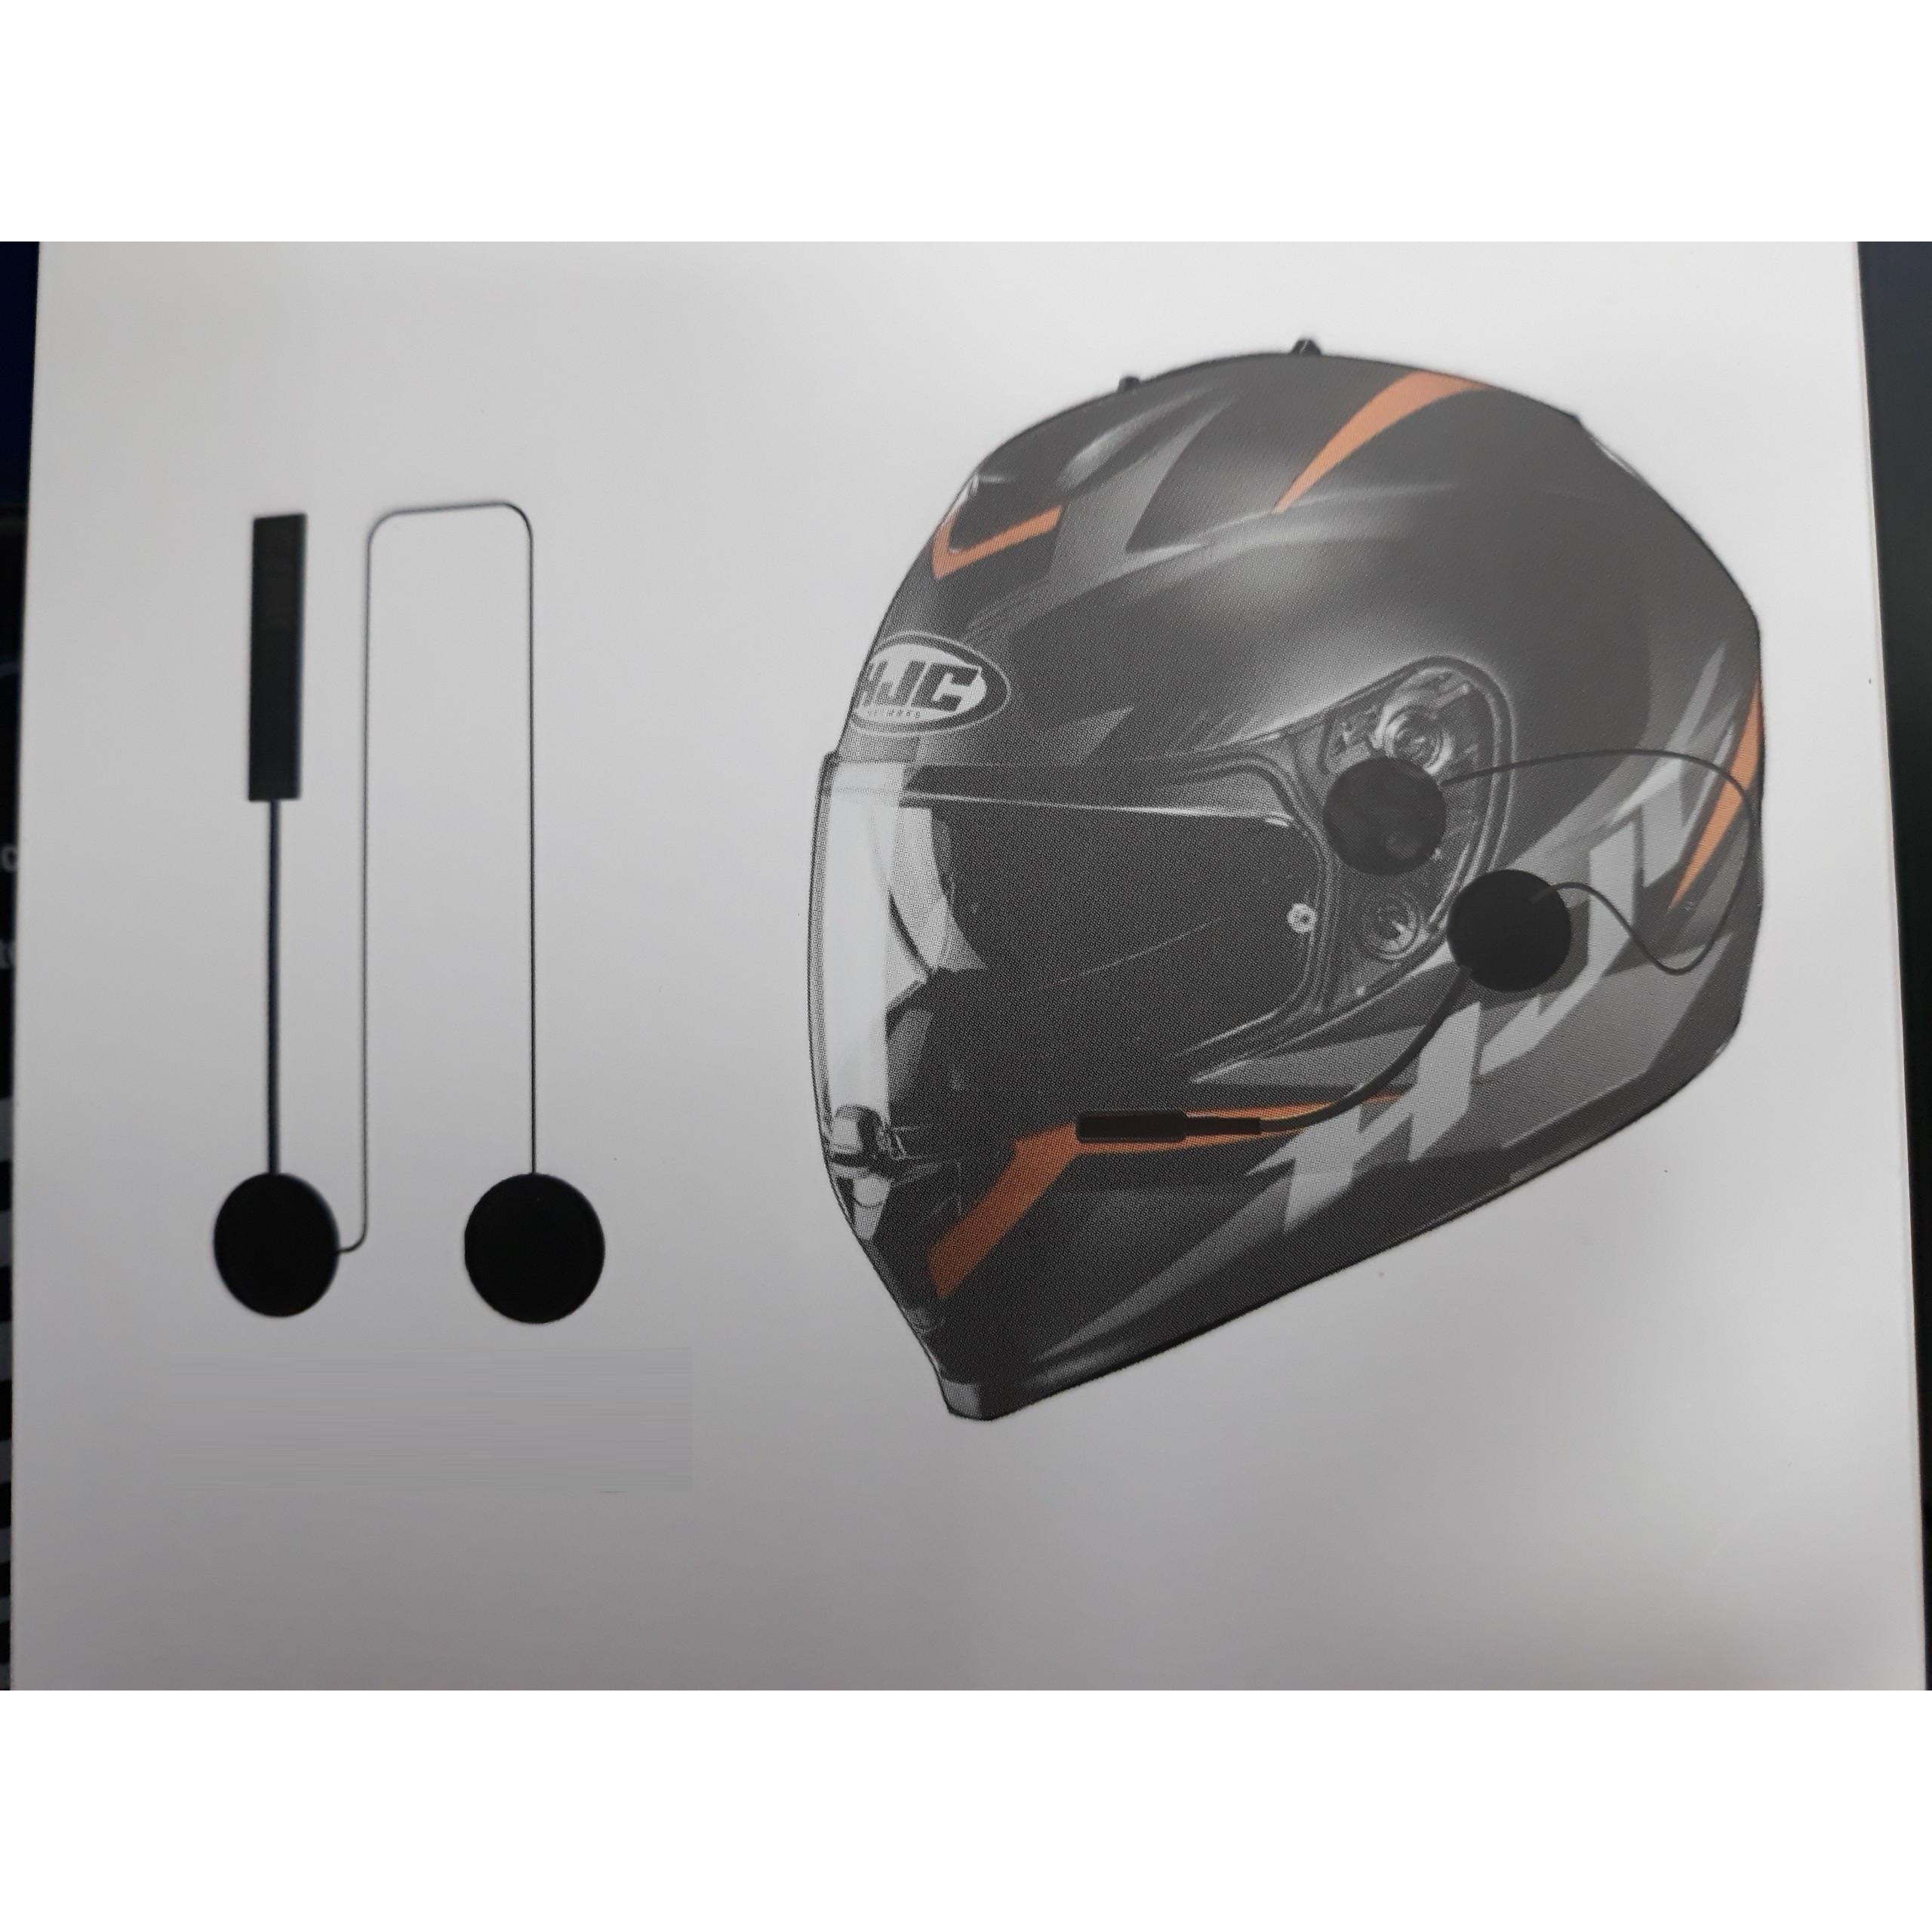 Tai nghe bluetooth movio dành cho các loại mũ bảo hiểm fullface và mũ 3/4